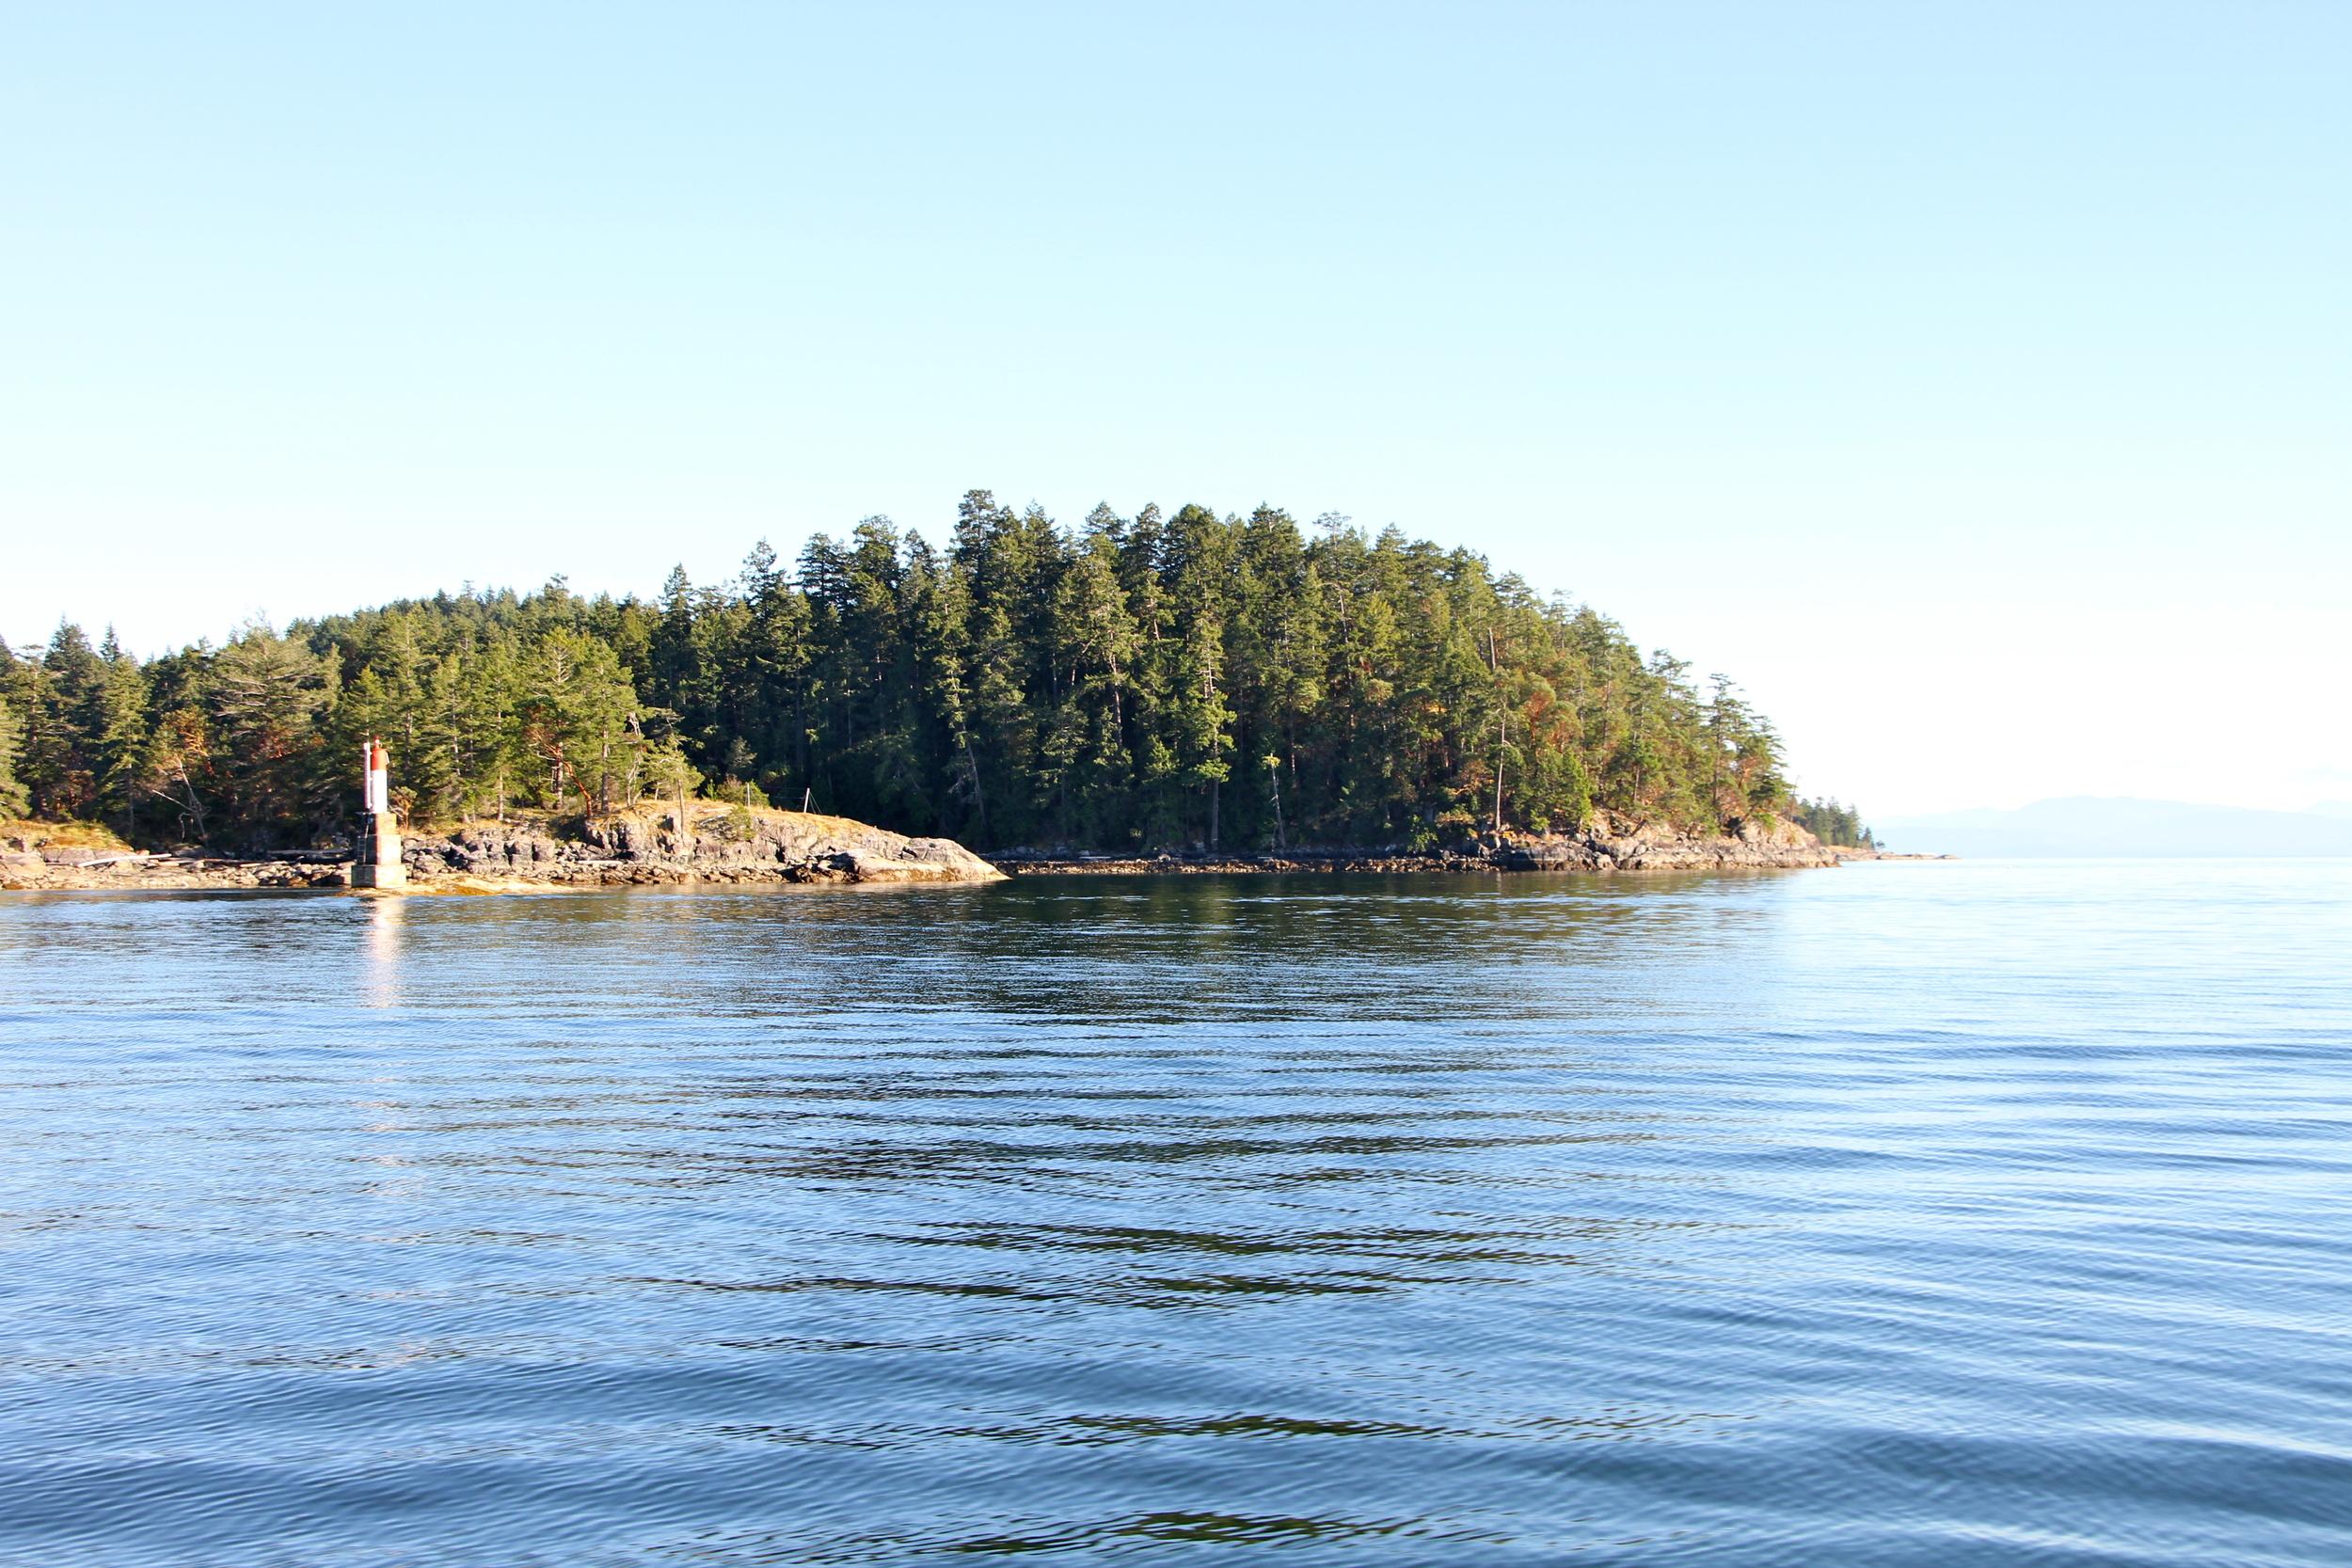 Pender Harbour, Sunshine Coast, BC, Canada.